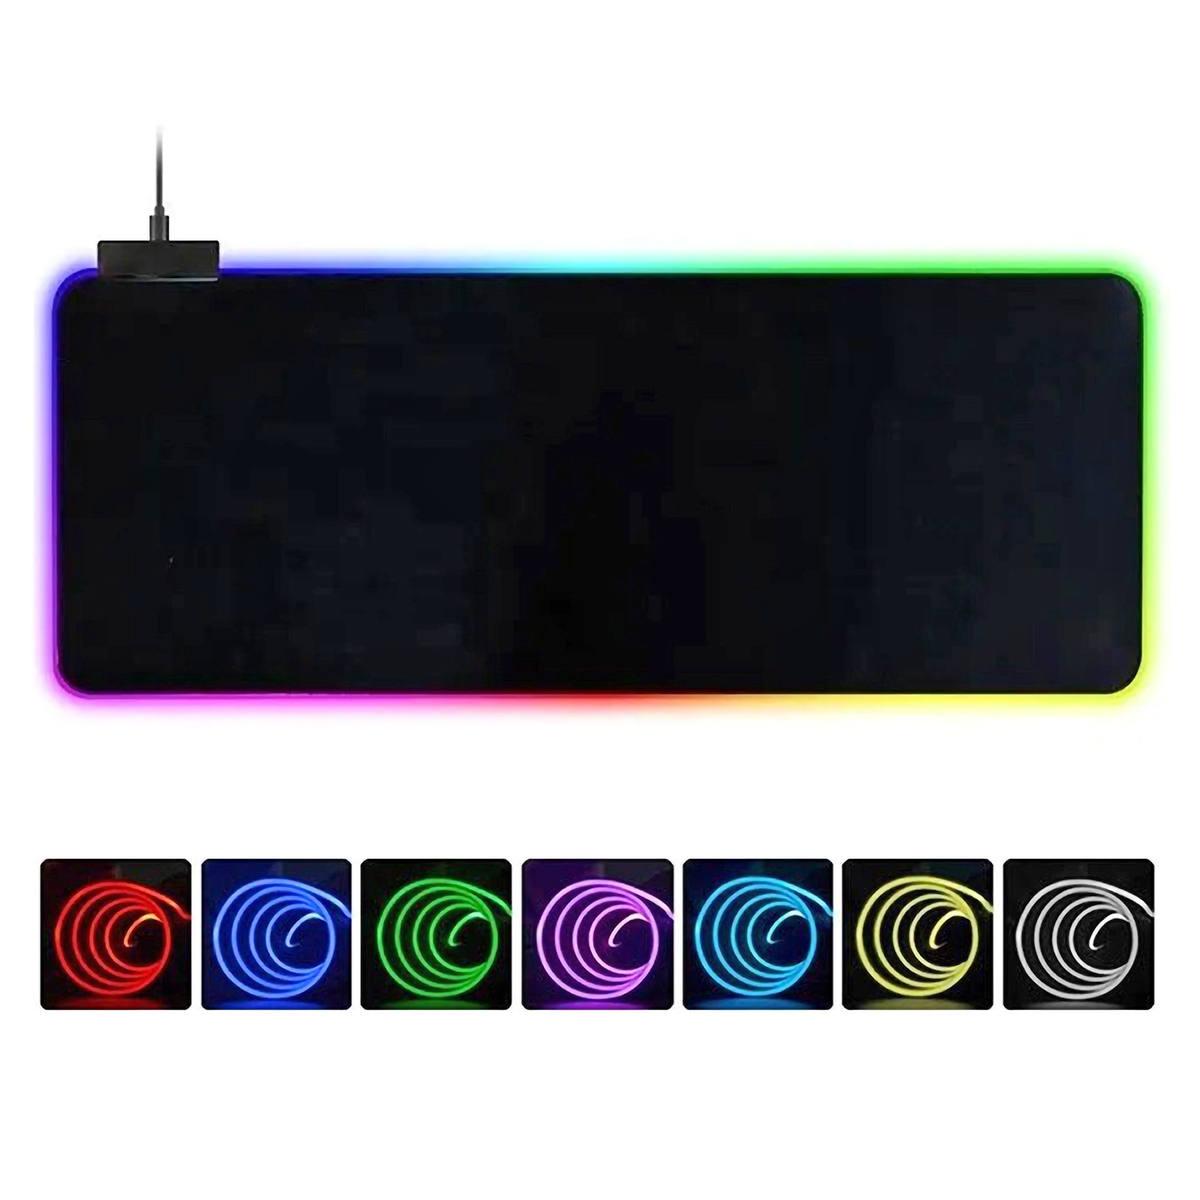 Mouse Pad Gamer 800x300x3mm Iluminação LED nas Bordas com 14 Modos Espectro Backlighting USB Power Exbom MP-LED3080